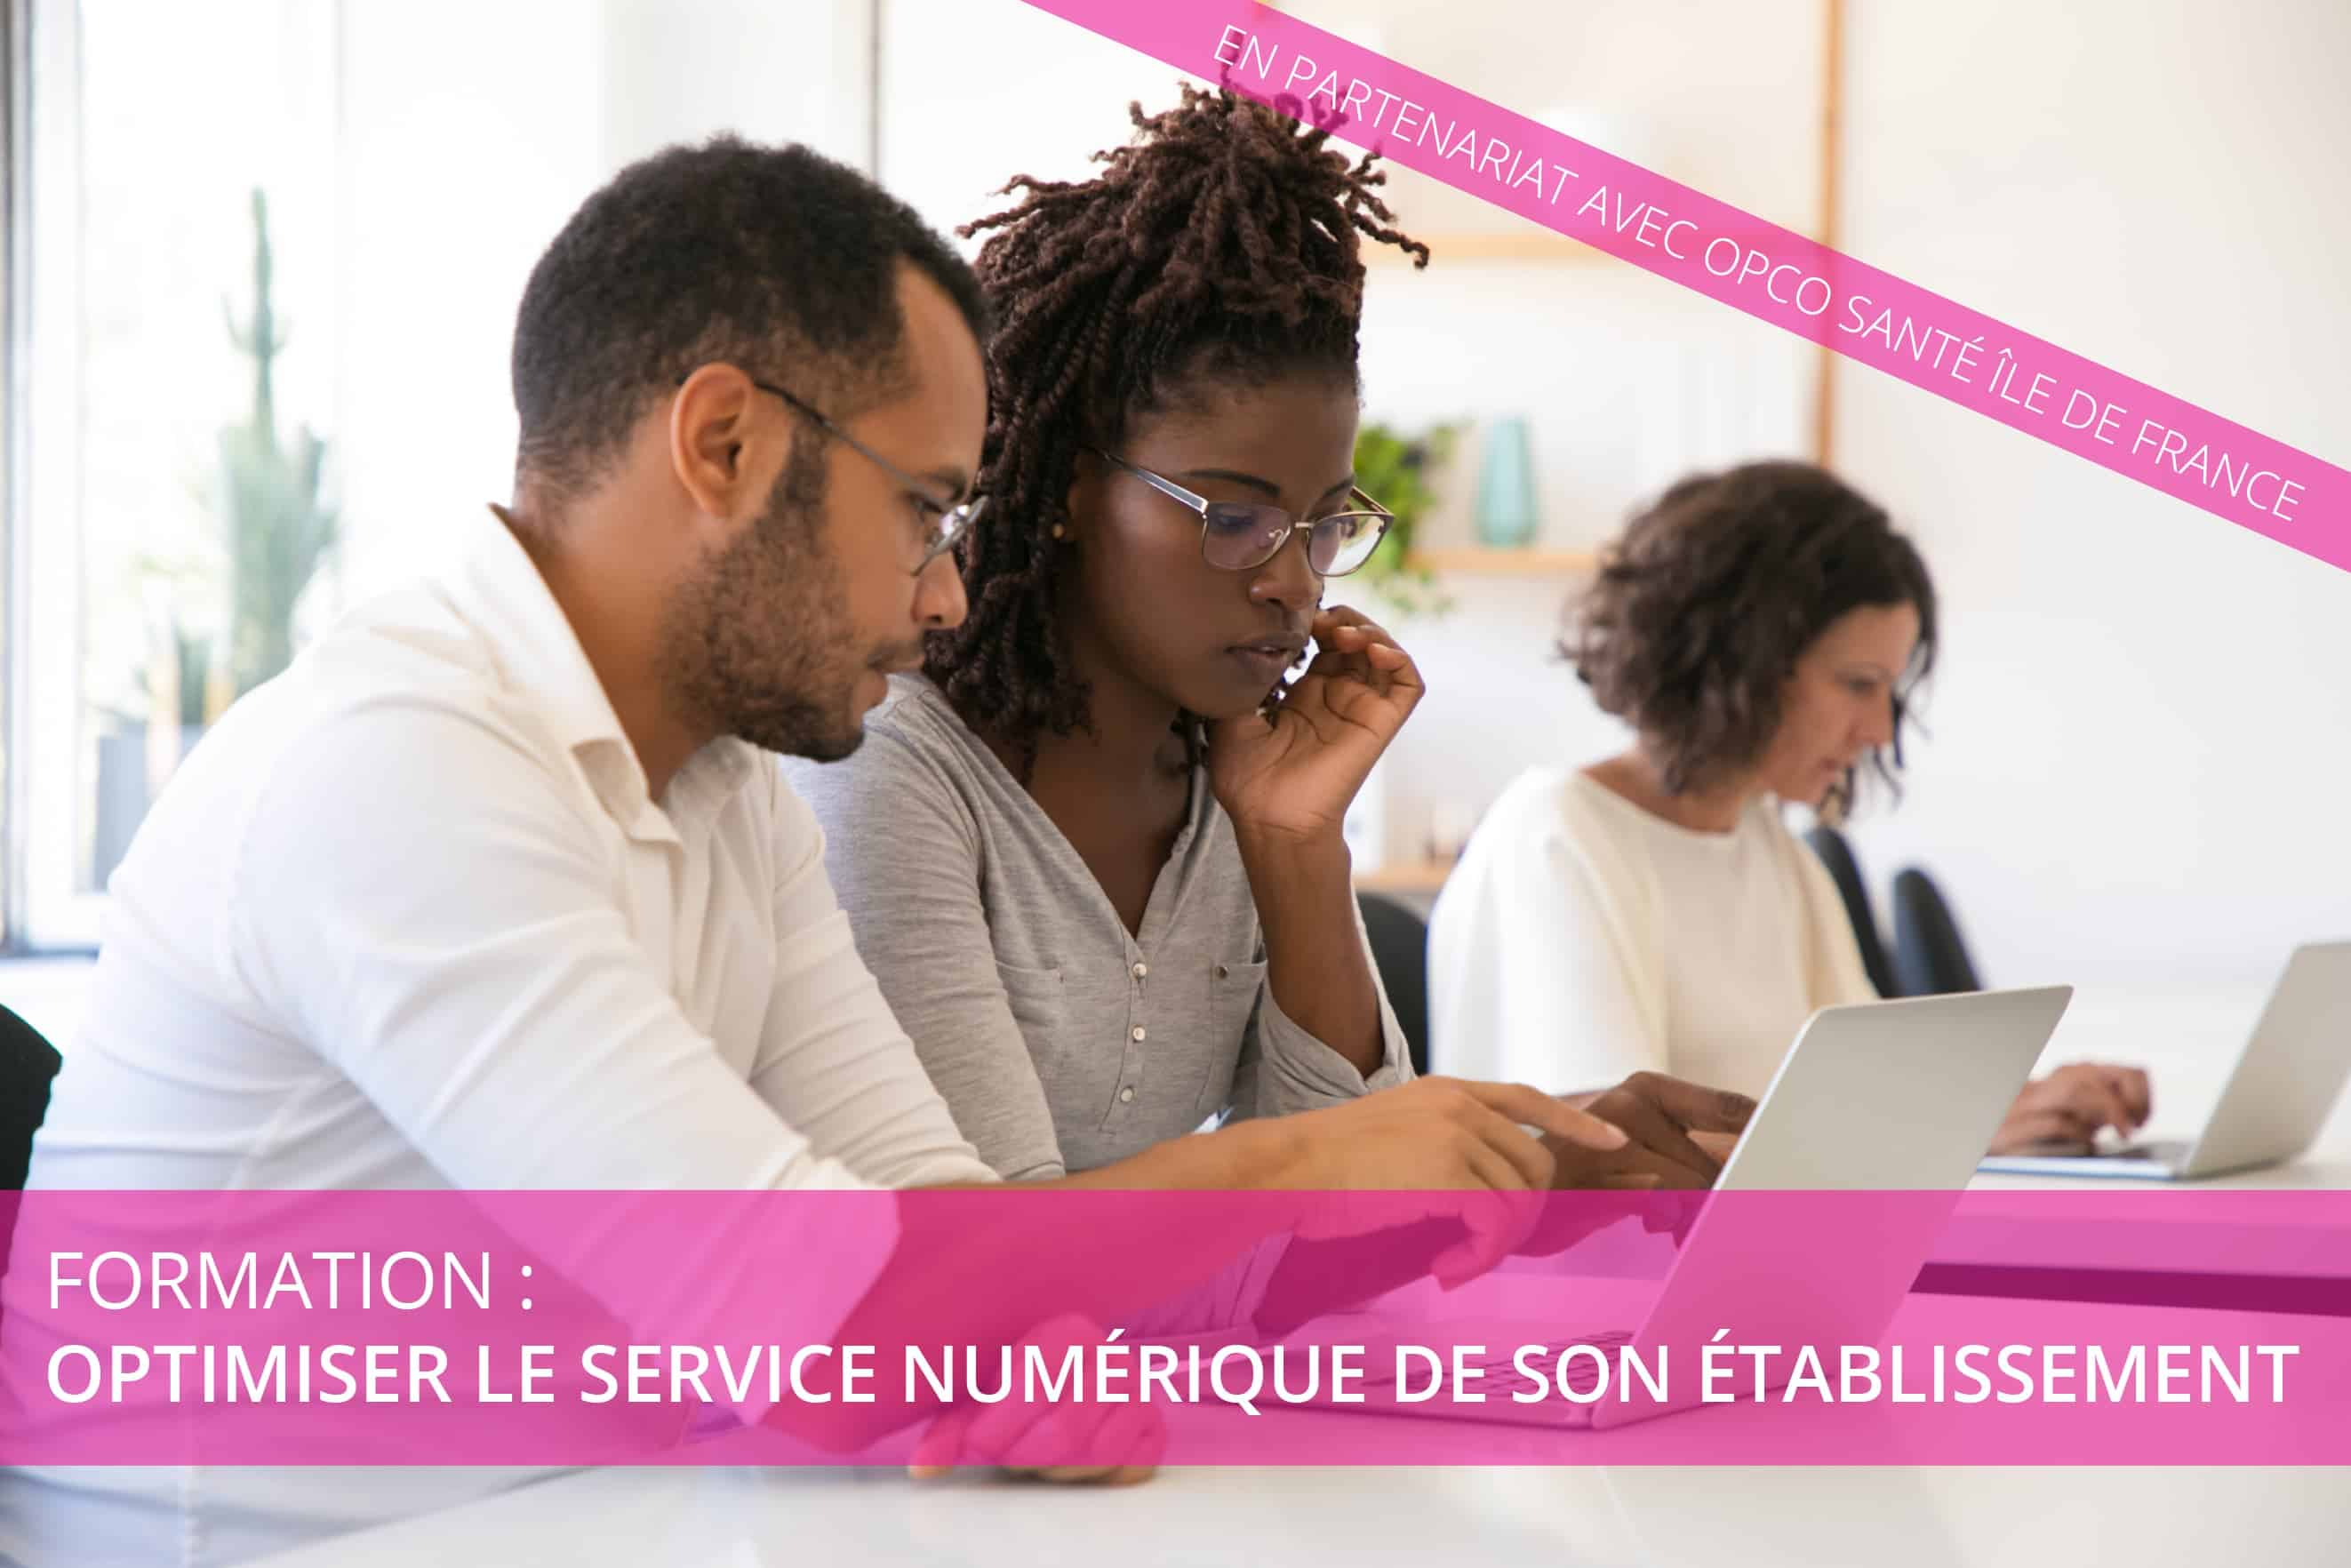 Formation : Optimiser le service numérique de son établissement